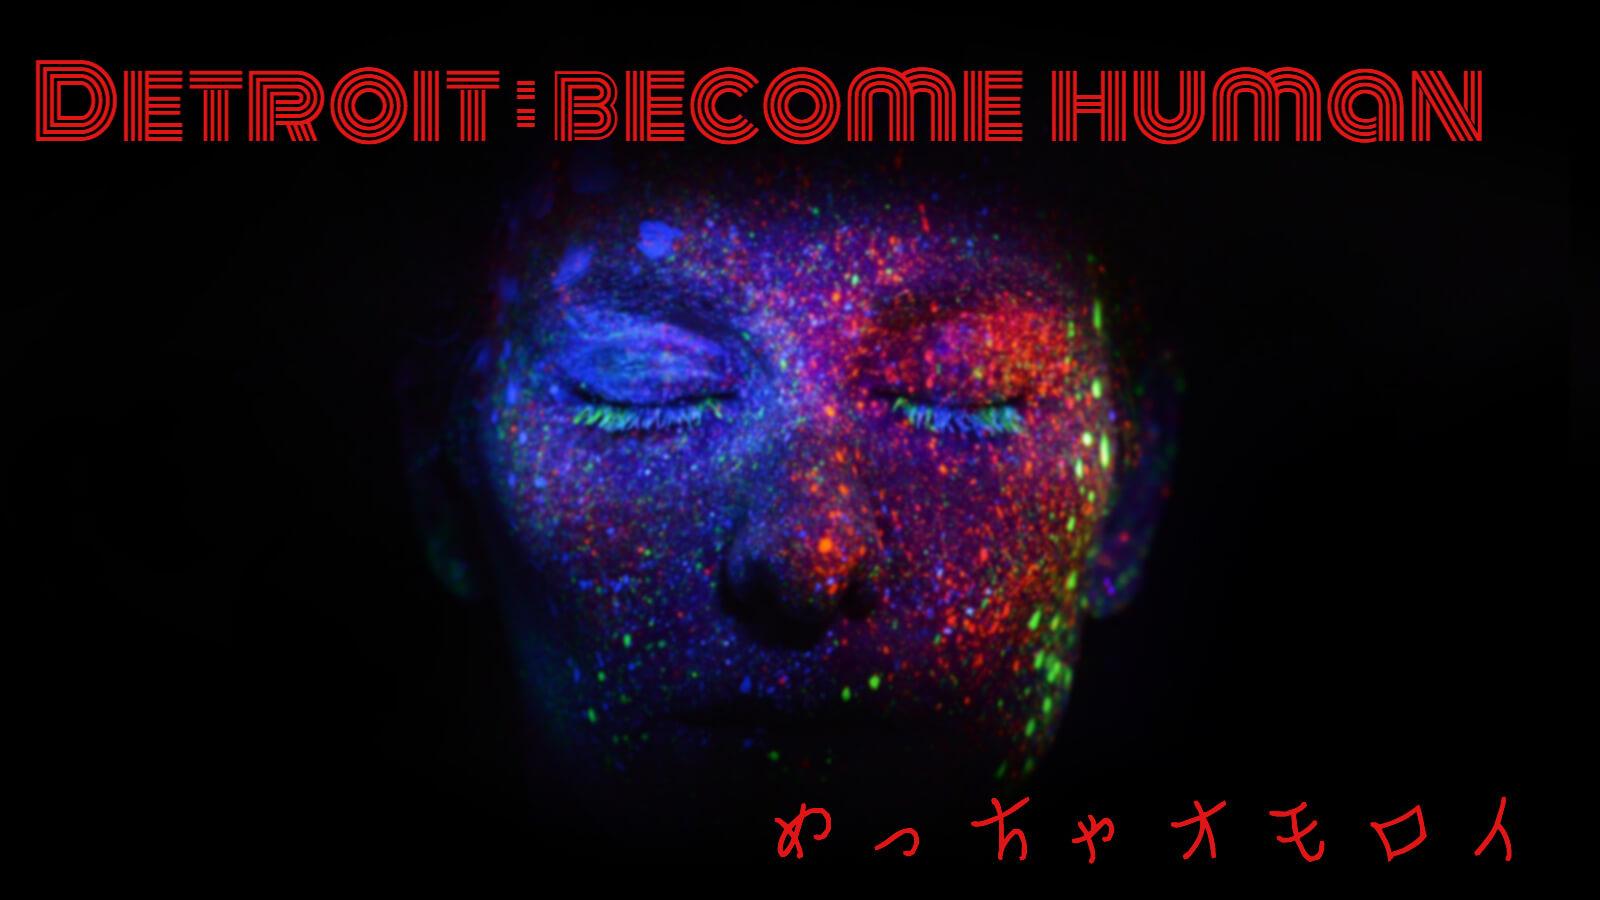 【PS4】『Detroit: Become Human』を1周クリアしてみて〜アンドロイドは家電か?ペットか?人間か?〜